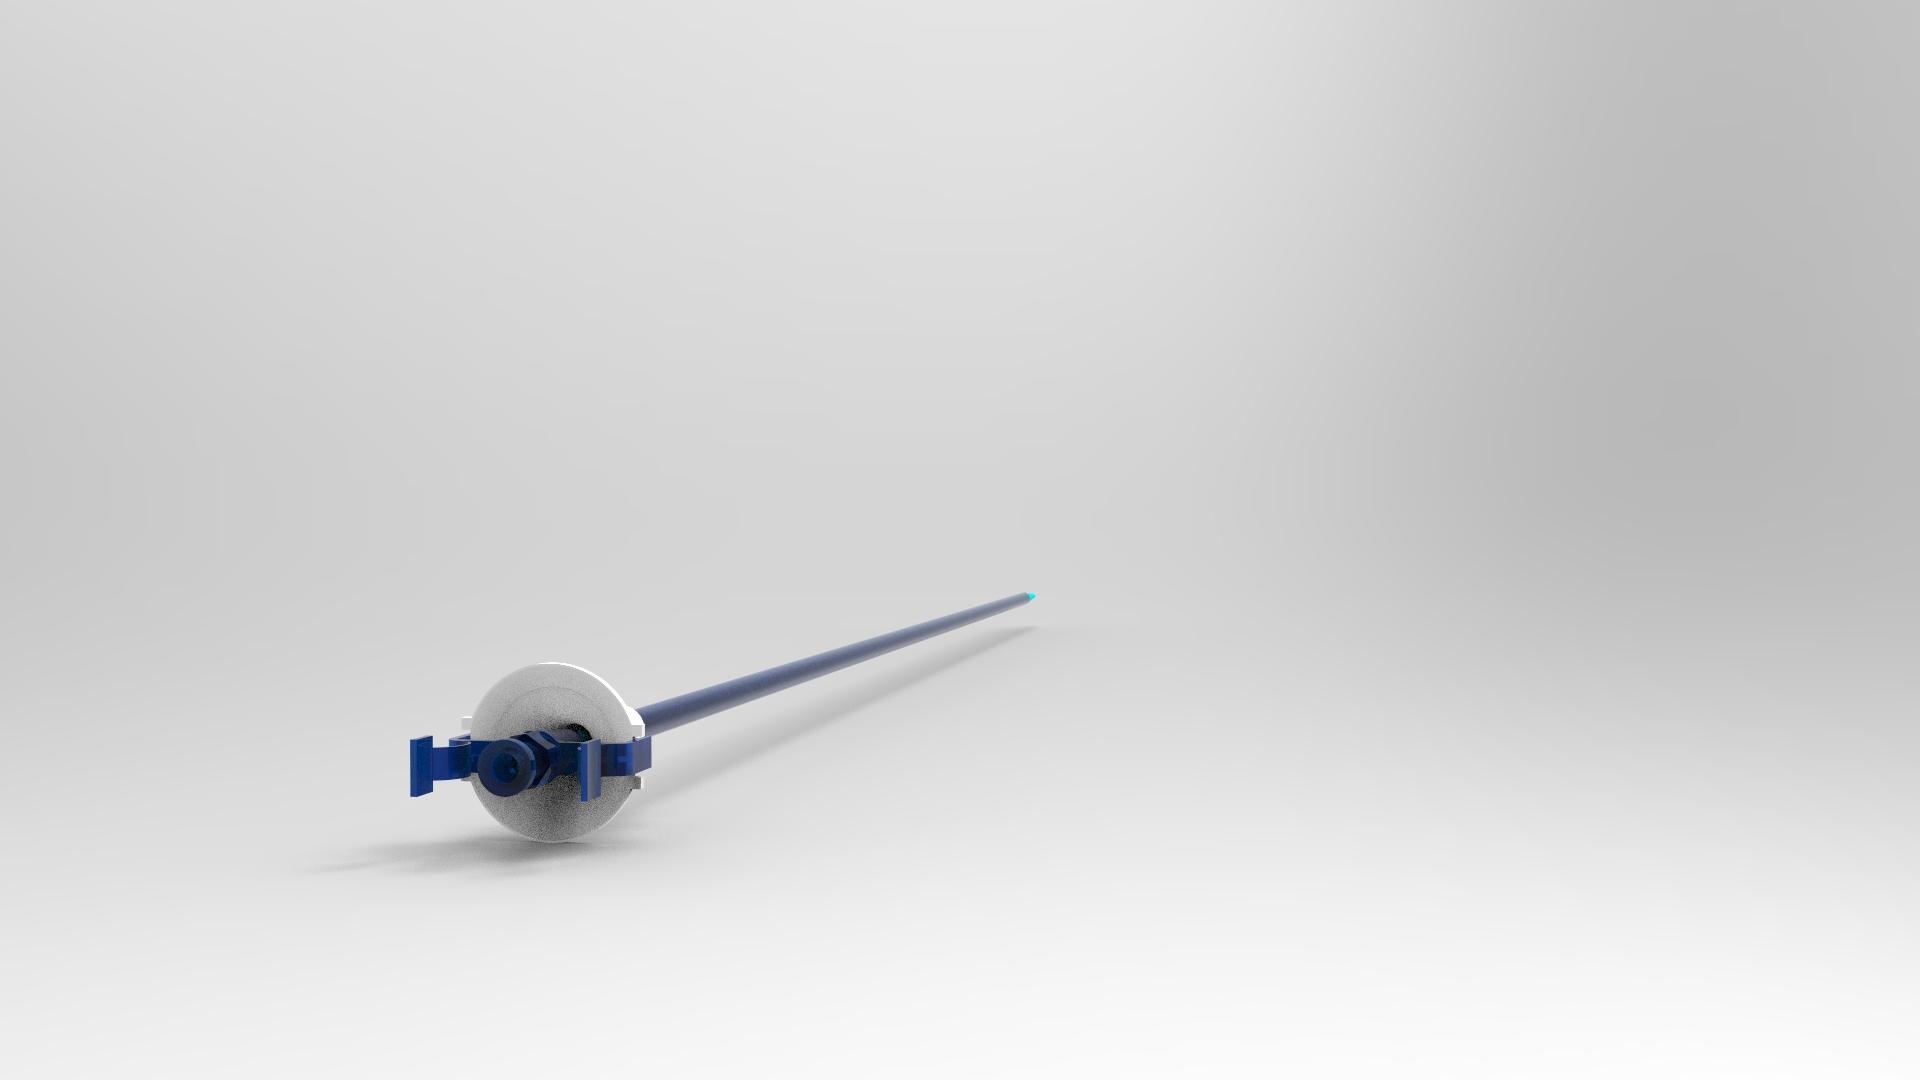 输尿管软镜导镜鞘-输尿管软镜负压吸引鞘-12 输尿管软镜鞘